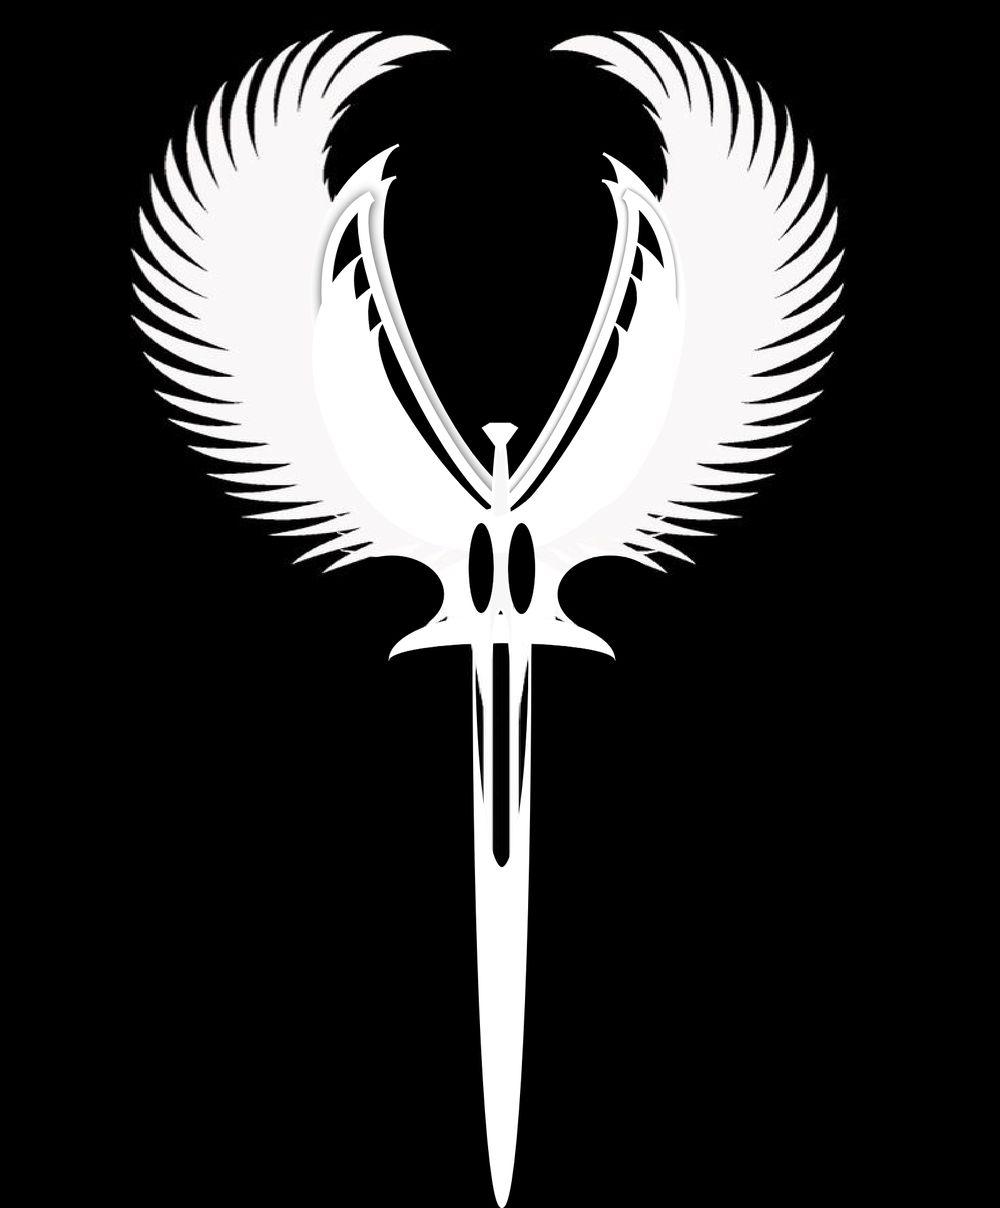 Norse valkyrie symbols pinteres norse valkyrie symbols more buycottarizona